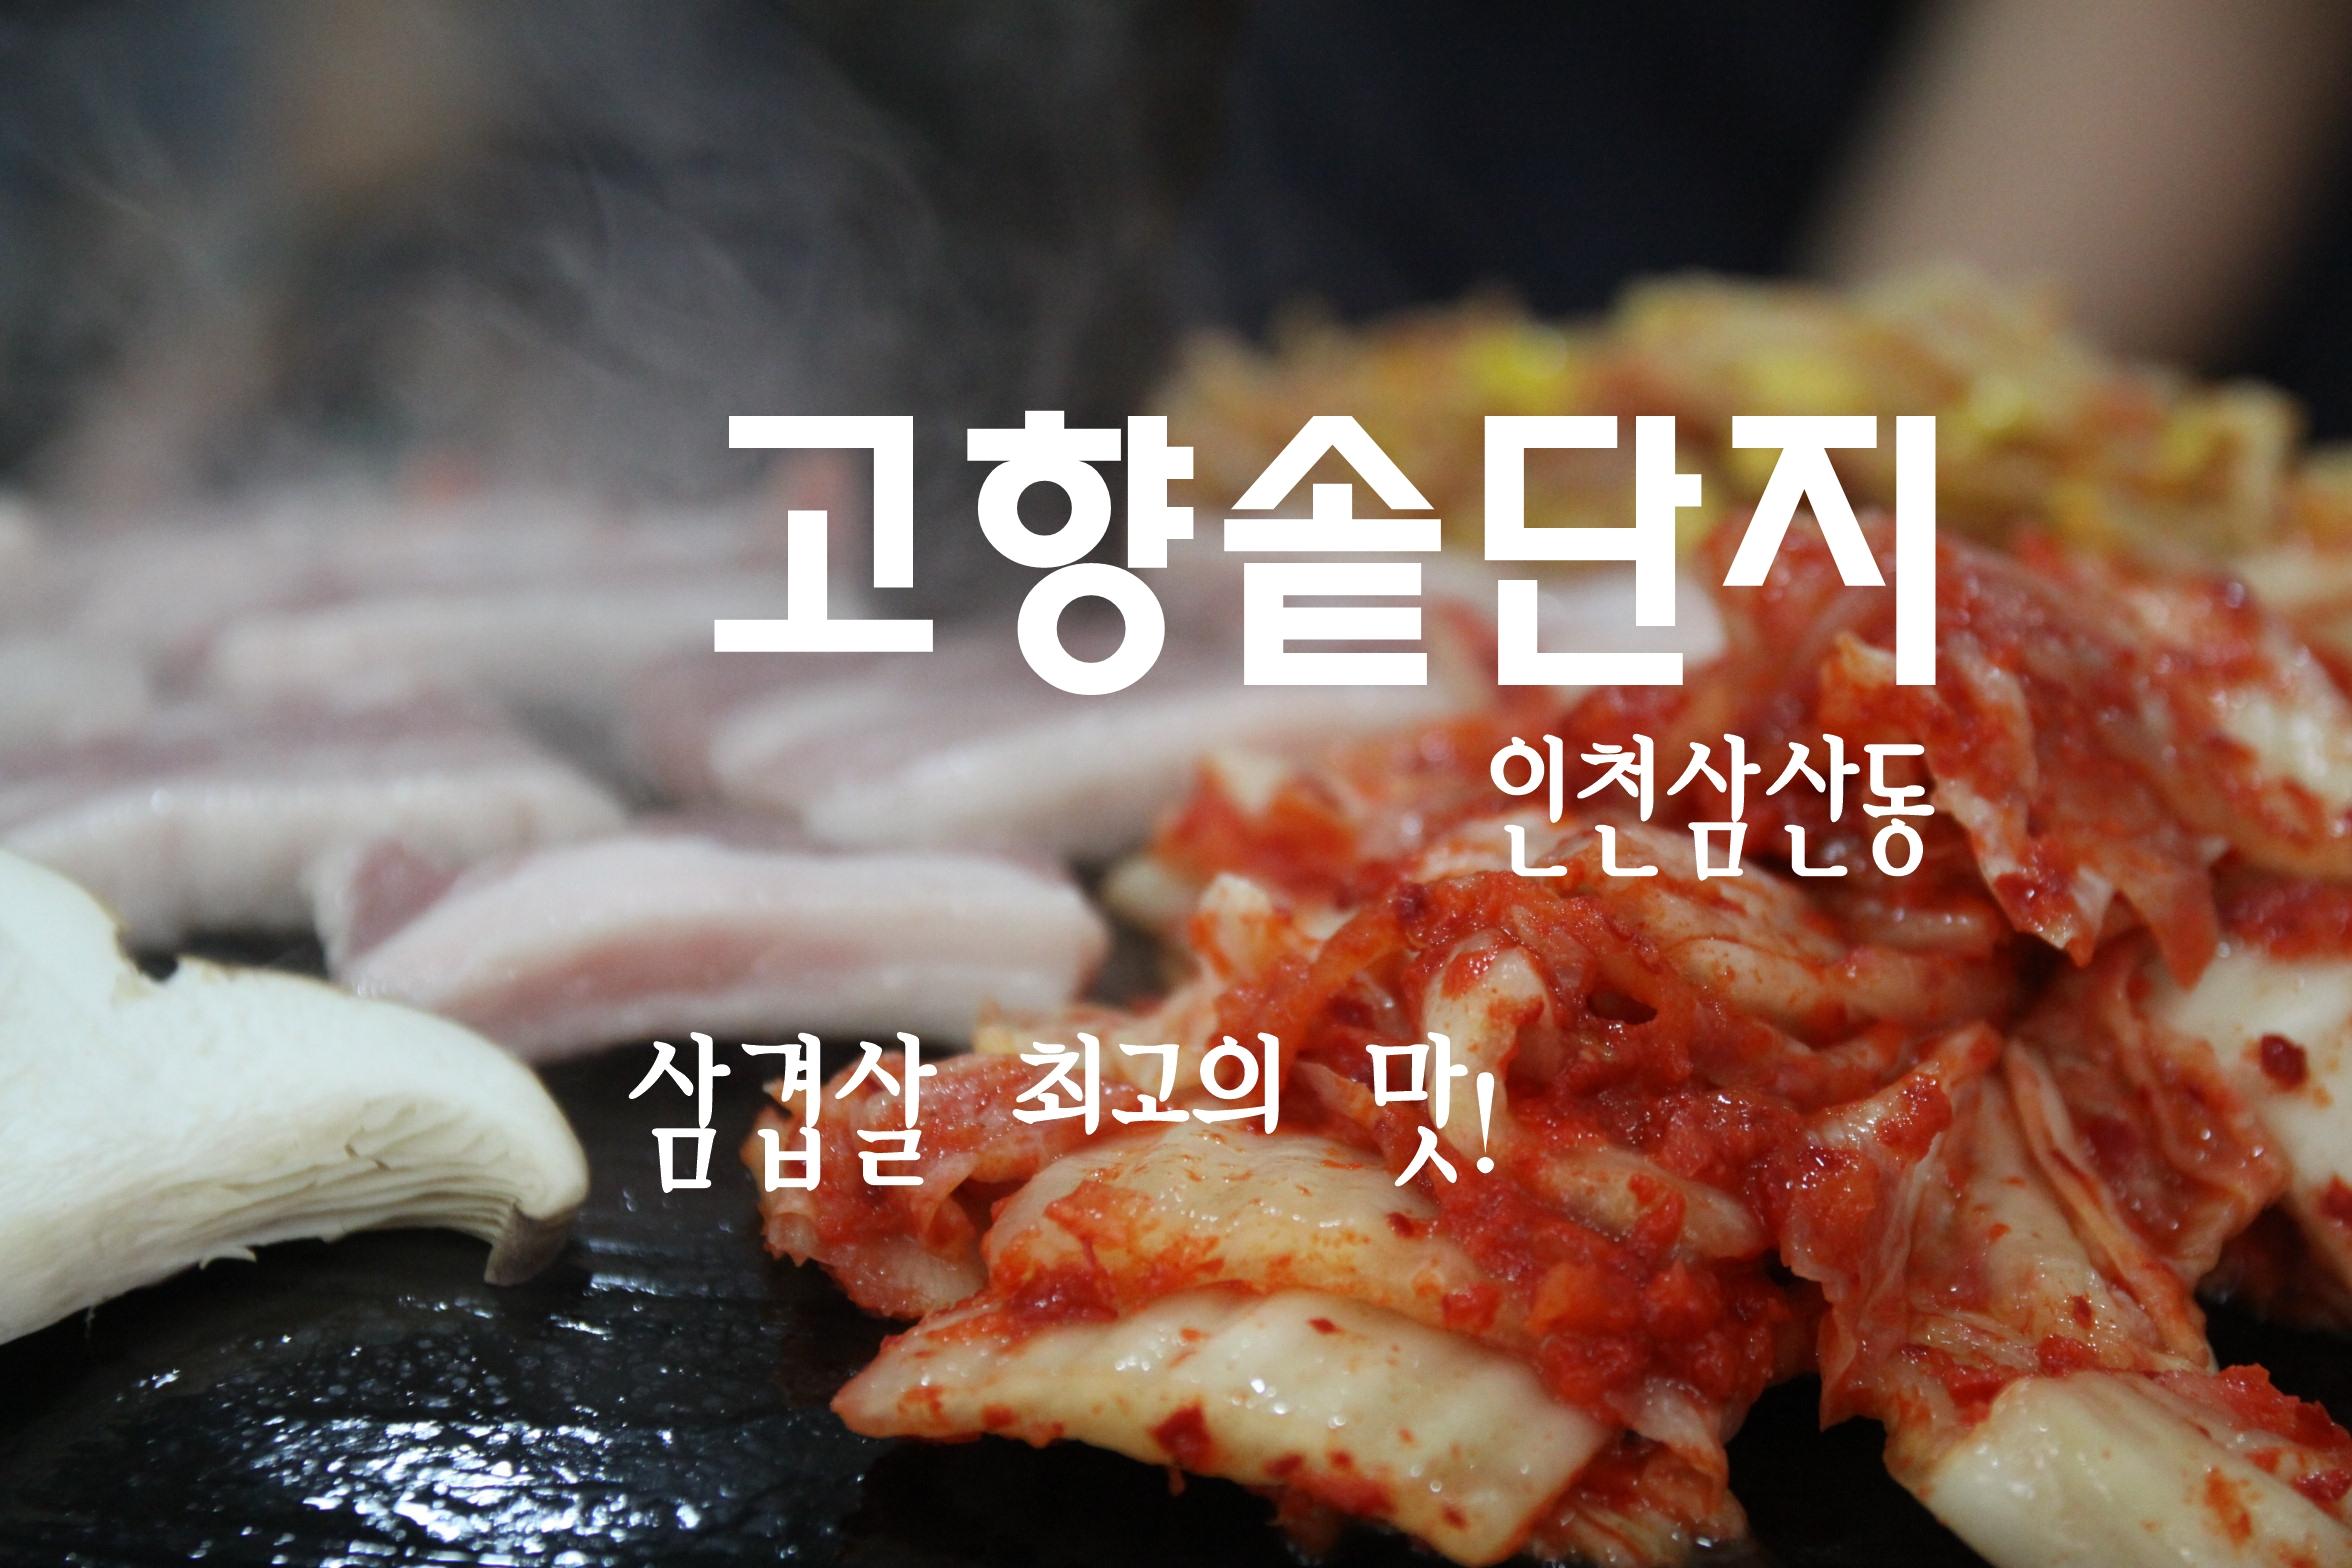 인천 삼산동 고기집 고향솥단지라 오늘도 삼겹살